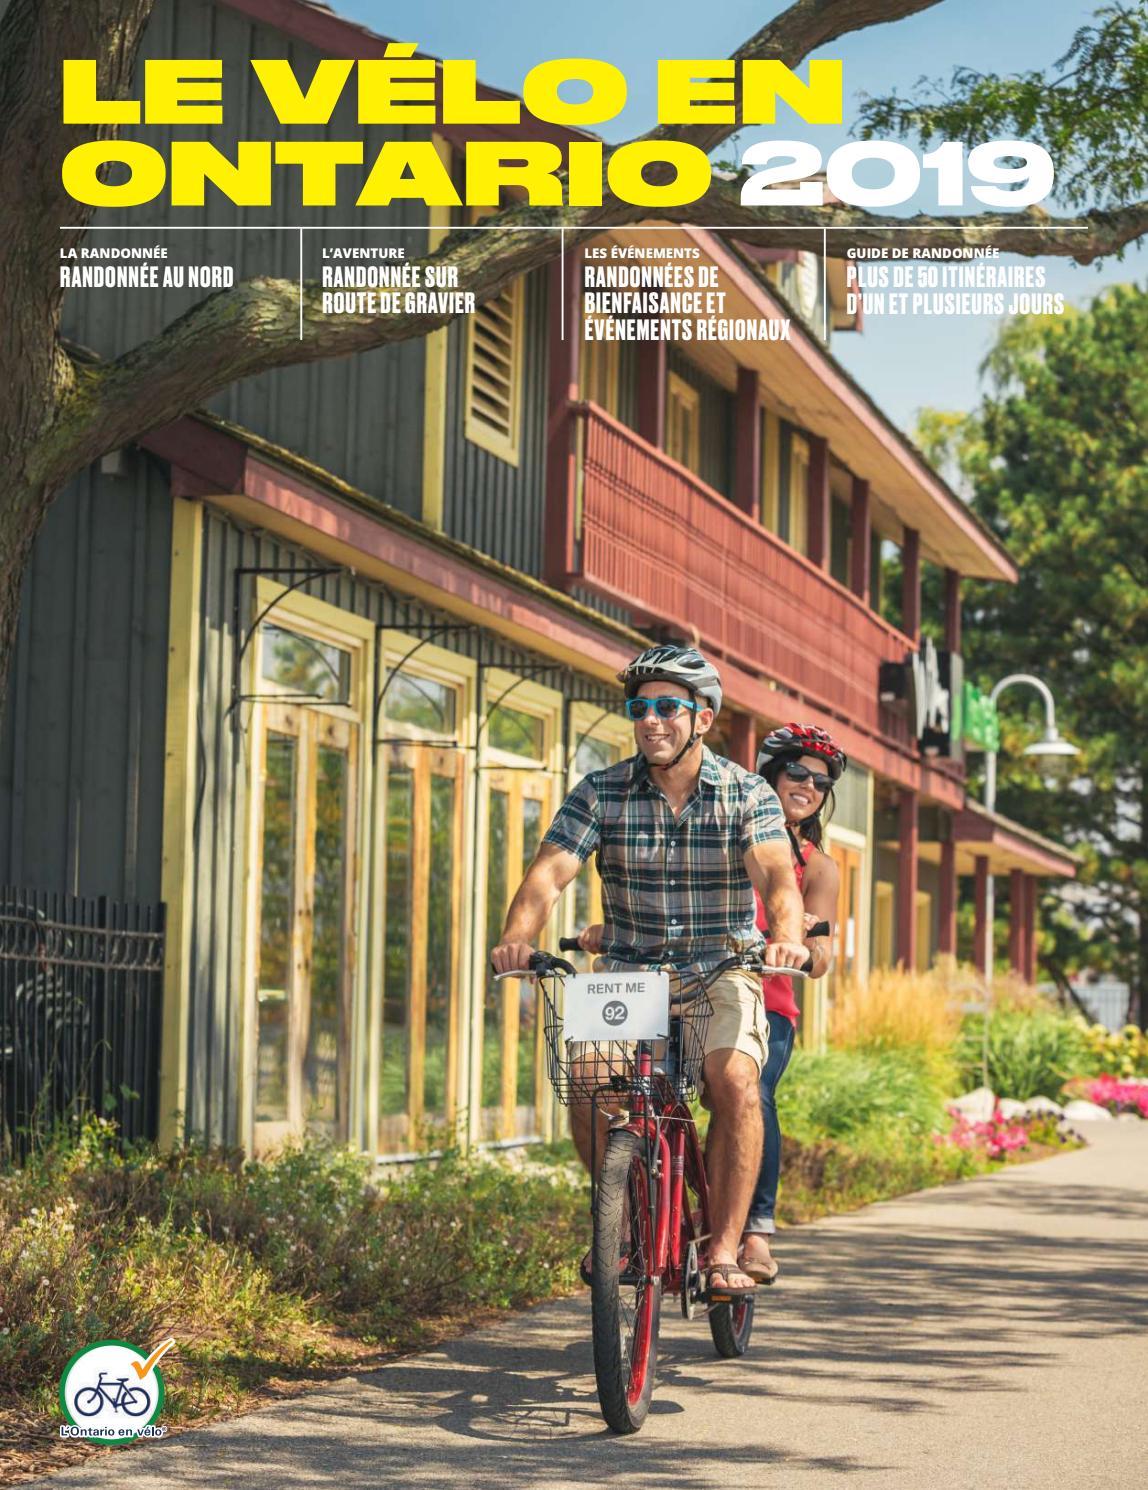 gratuit en ligne datant Sudbury Ontario bons exemples de datation de profil